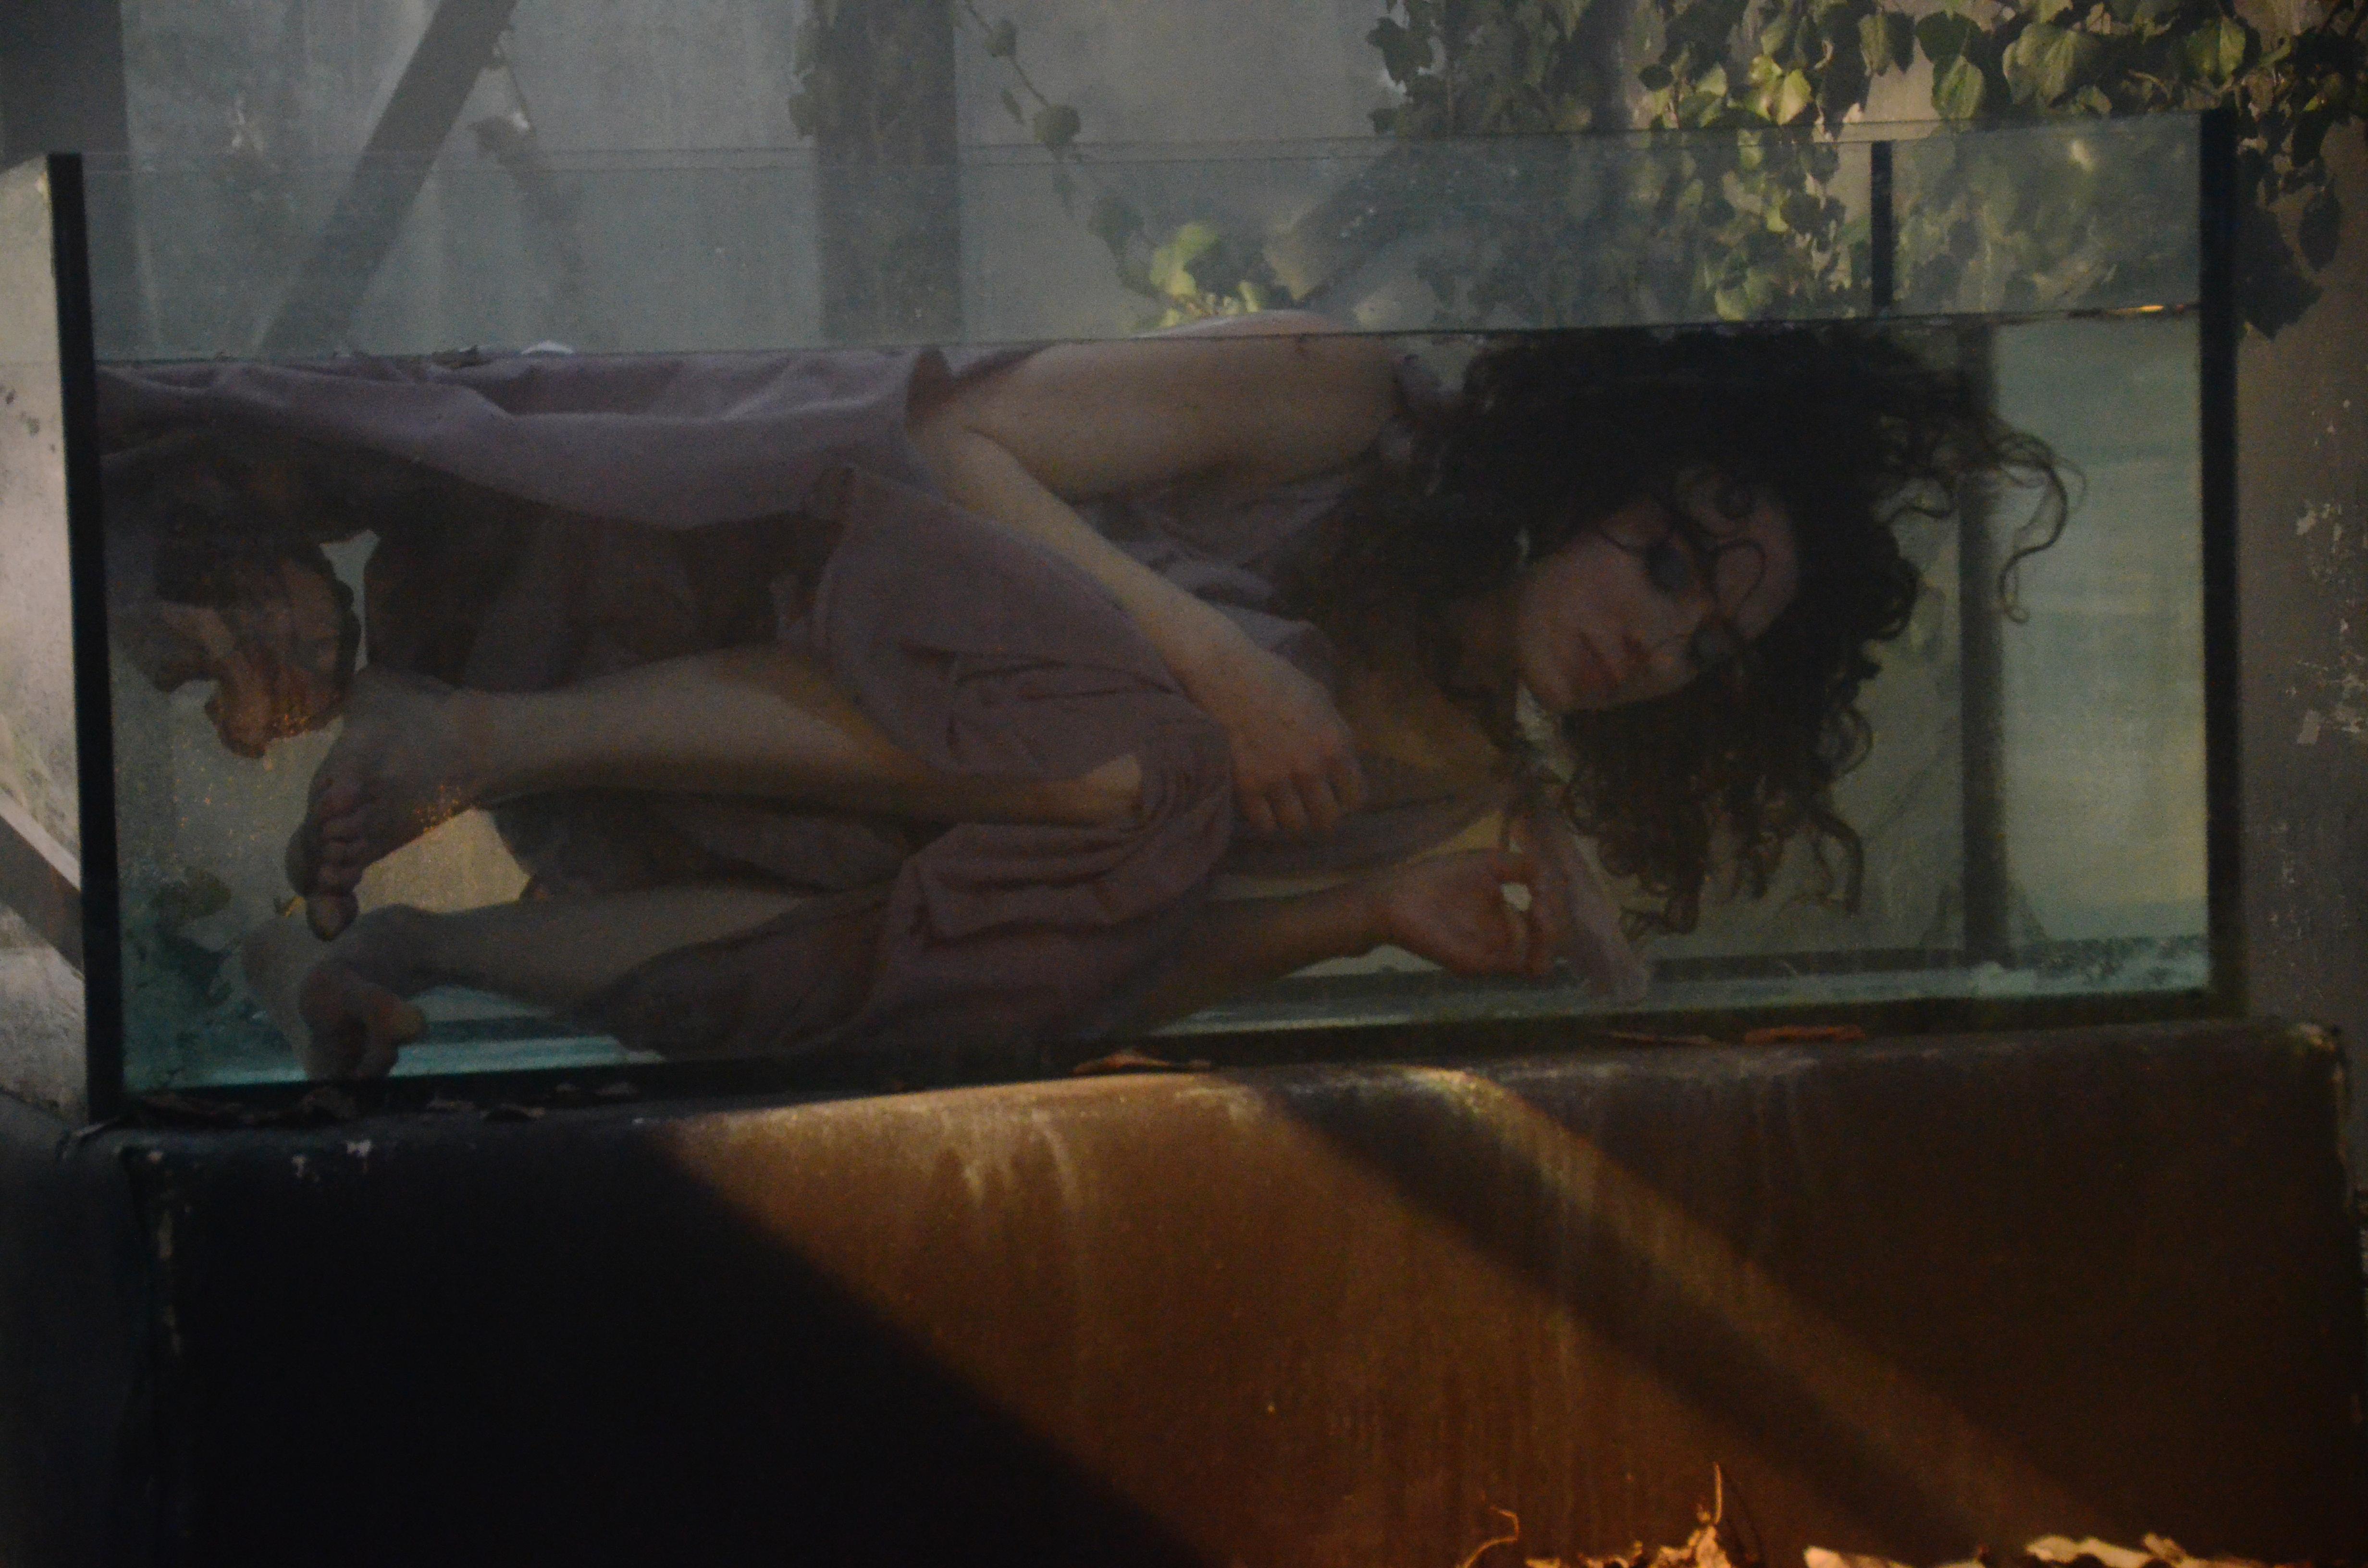 Nefertem Perfume Commercial